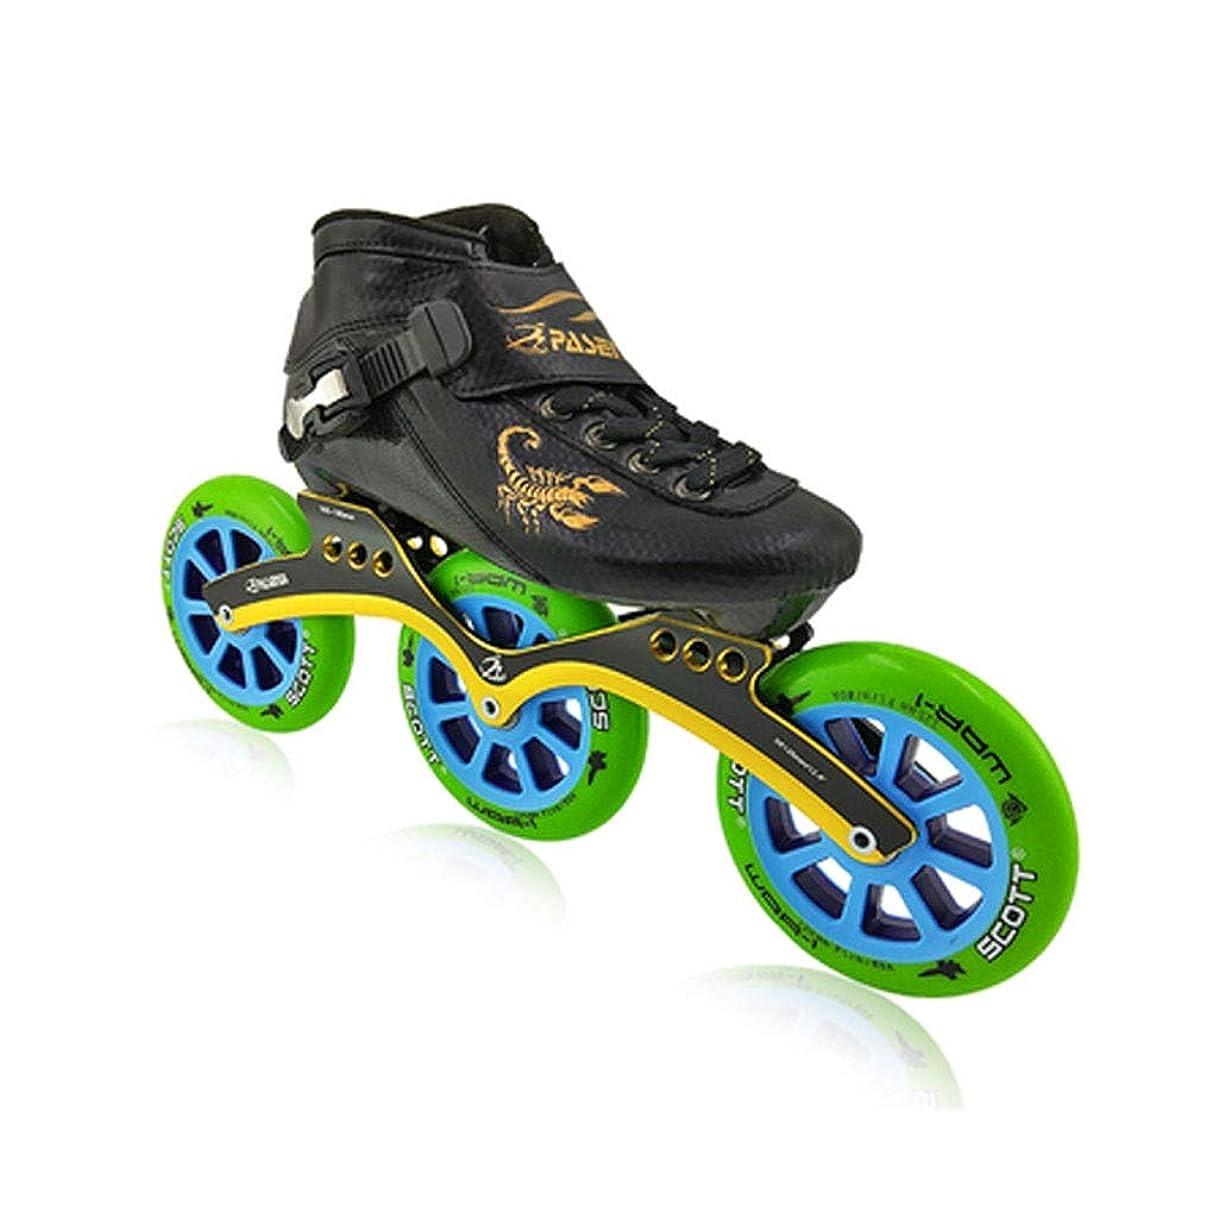 修士号性差別花束インラインスケート、 プロの高弾性PUホイール 大人の子供3X125MM 単列スケート 5色 キッズ ローラースケート (Color : Green, Size : EU 34/US 3/UK 2/JP 22cm)